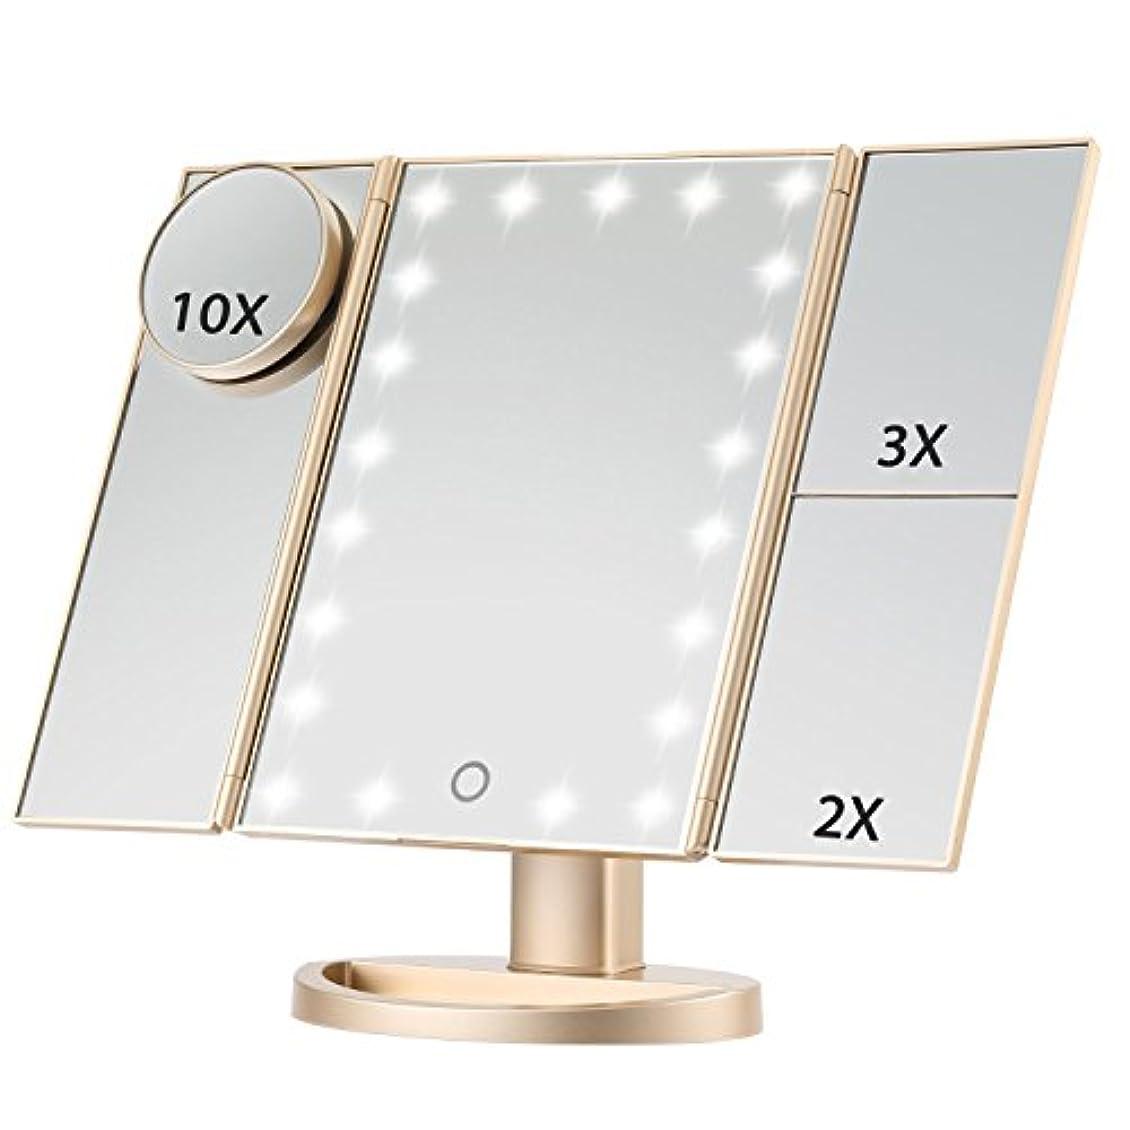 ためにマーガレットミッチェル支配するMagicfly 化粧鏡 LED三面鏡 ミラー 折り畳み式 10X /3X/2X拡大鏡付き 明るさ調節可能180°回転 電池/USB 2WAY給電 (ゴルード)